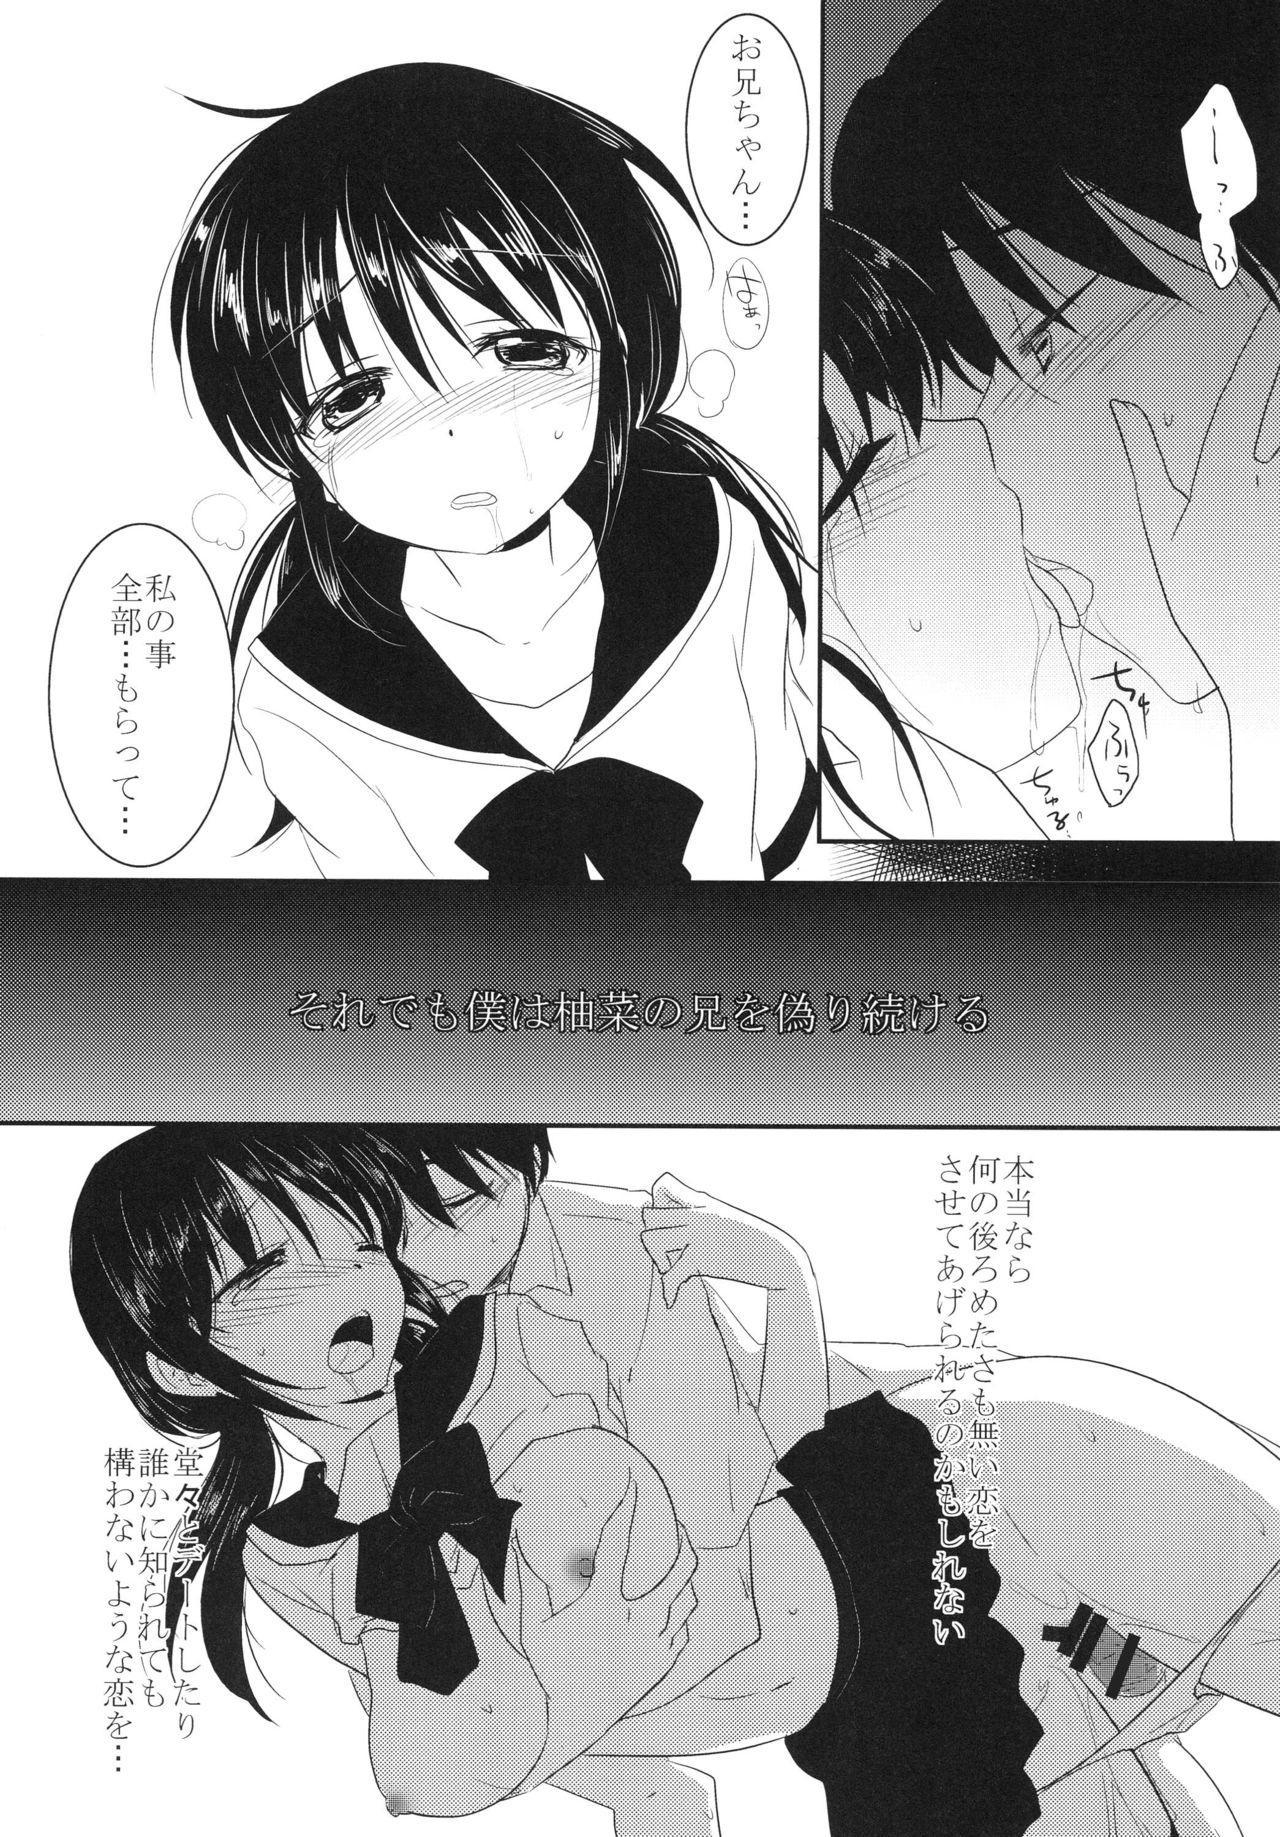 Imouto wa Shiranai 7